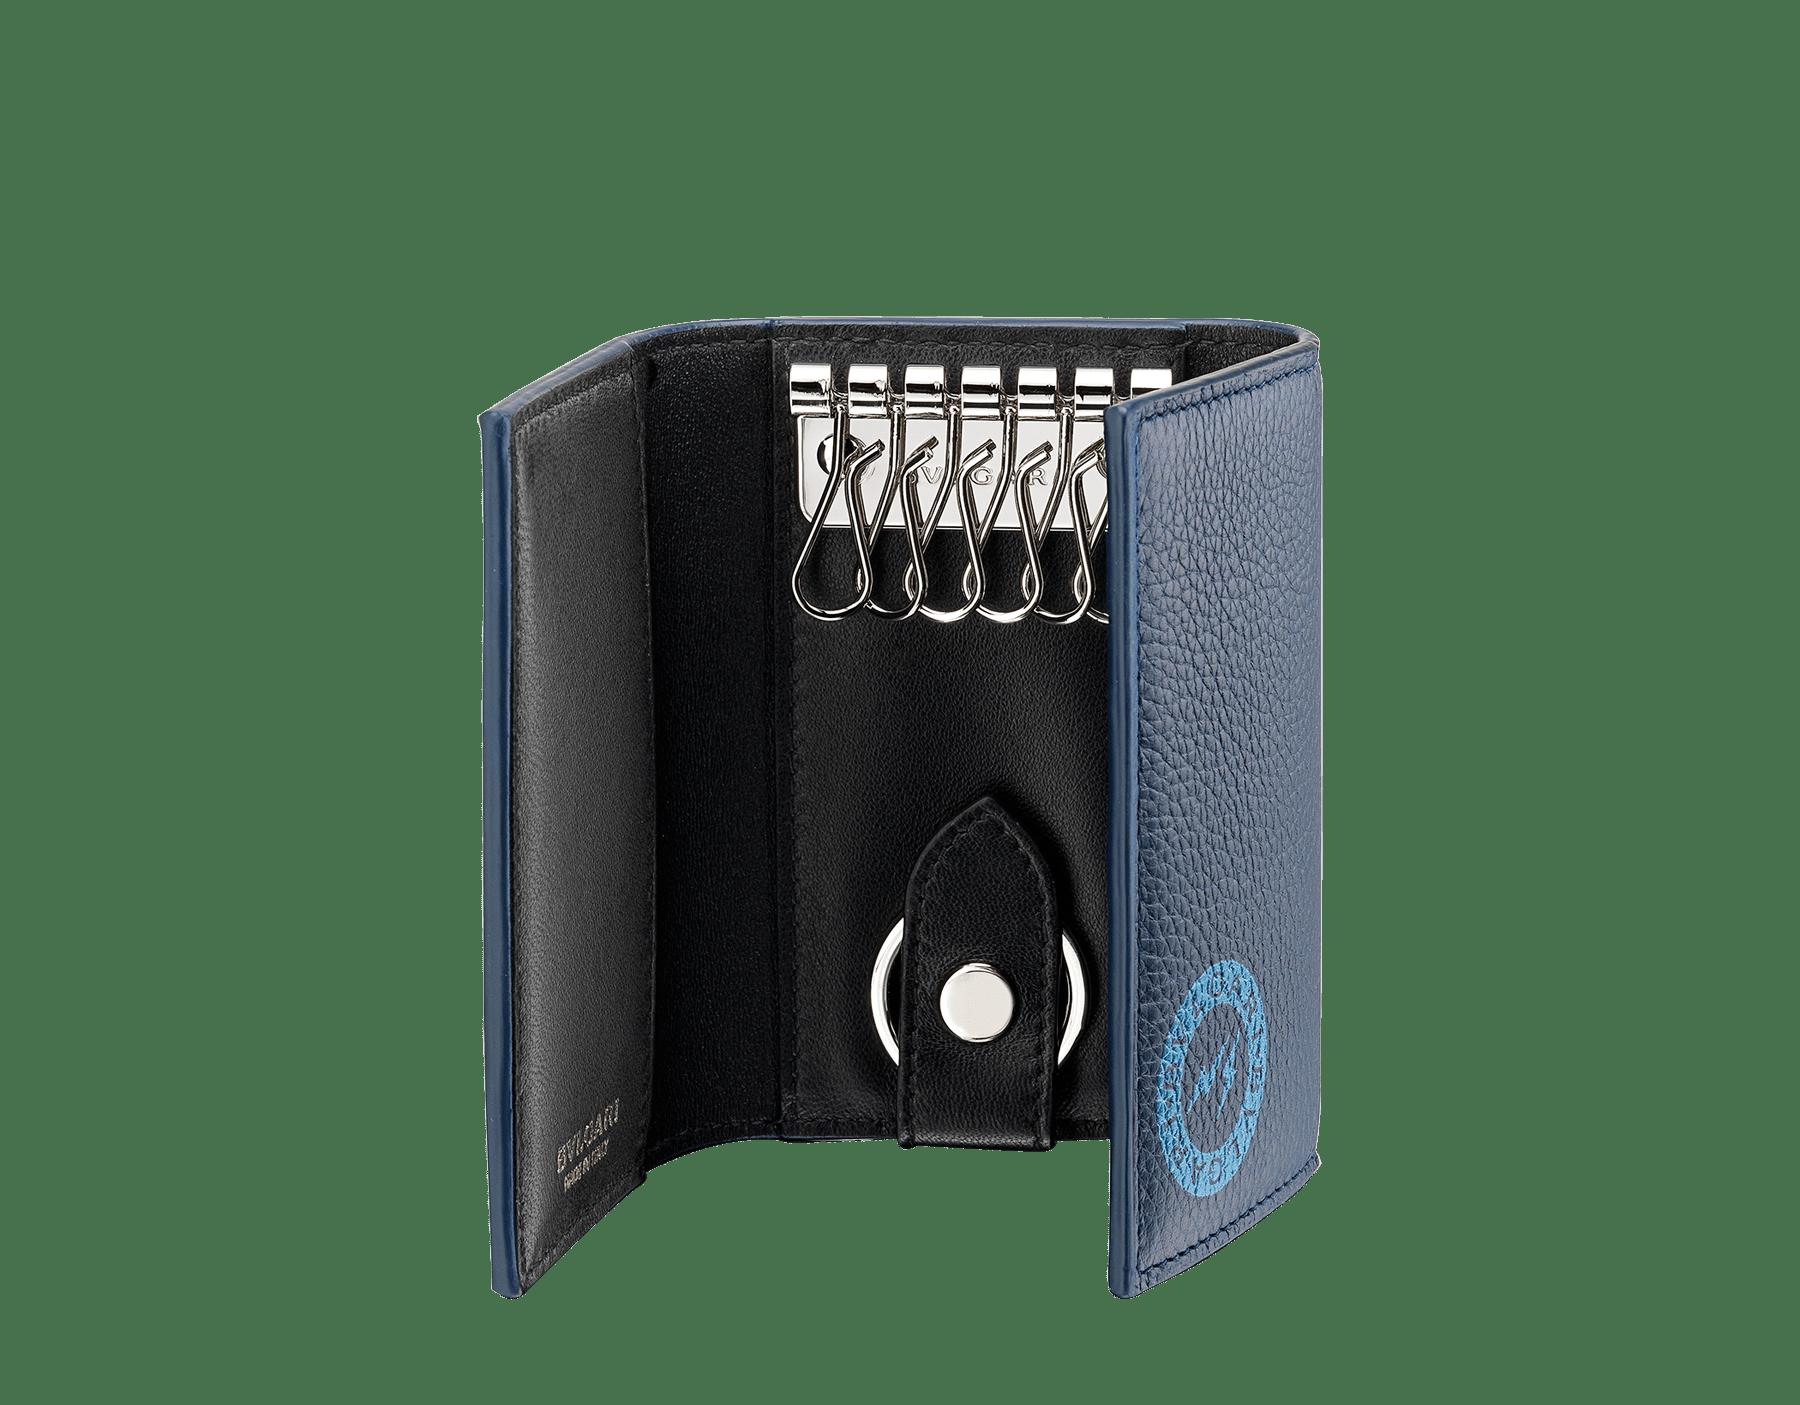 取り外し可能なカーキーホルダー付き、デニムサファイアのグレインカーフレザーとブラックナッパレザーを使用した「FRAGMENT X BVLGARI by Hiroshi Fujiwara」キーホルダー。特別な「BVLGARI FRAGMENT」ライトブルーのロゴプリント。 DOUBLEKEYHOLD-FUJI3rd image 2